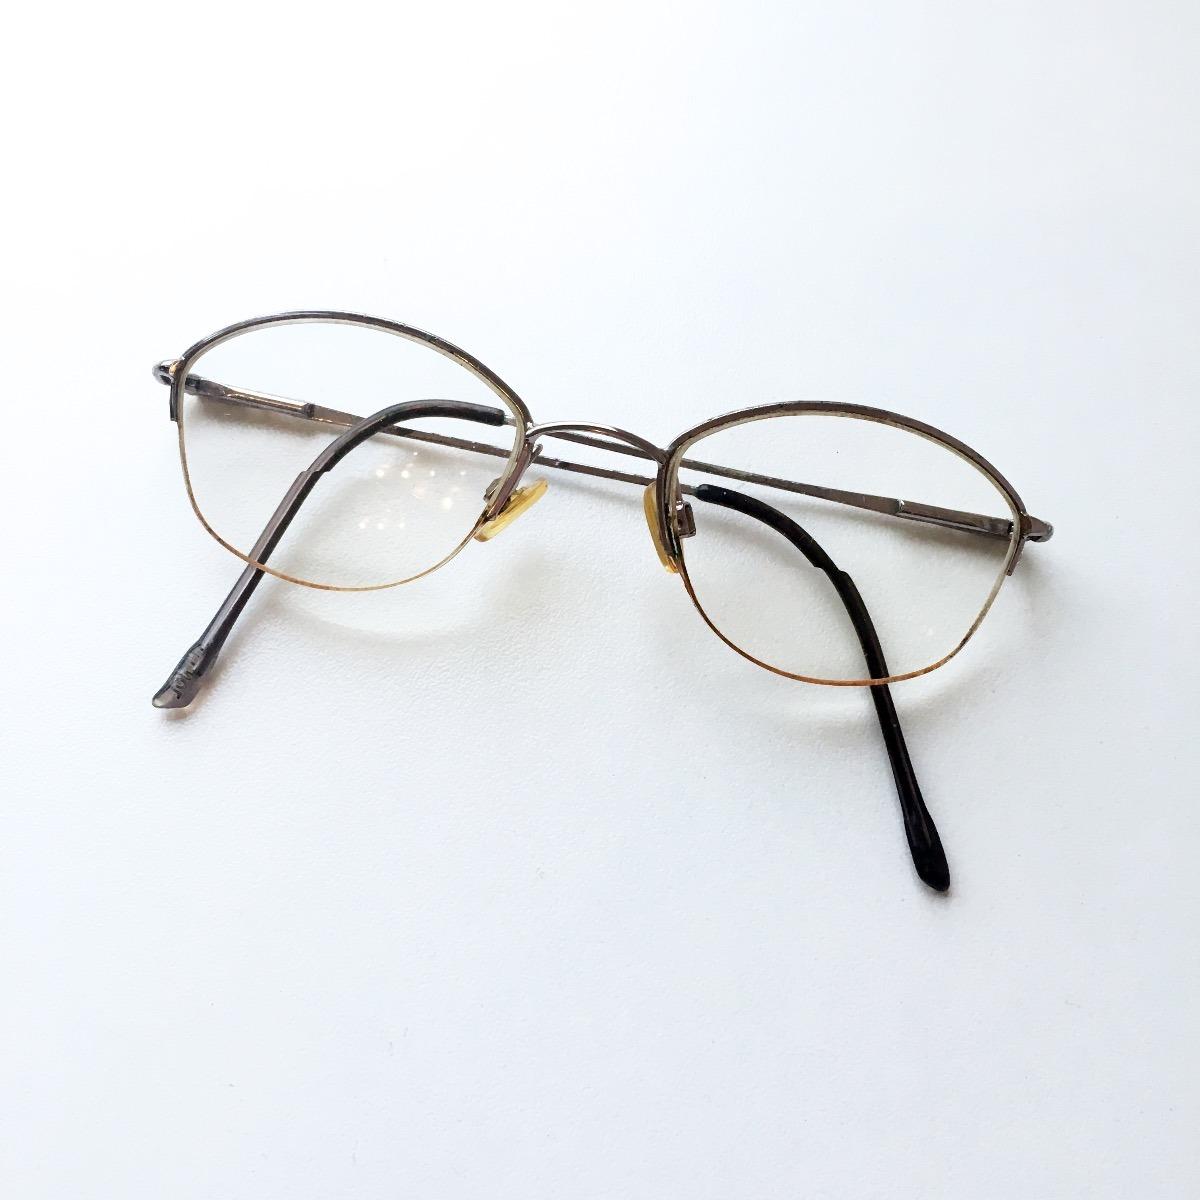 8d0fccead8f8d armação óculos oval meio aro metal retrô. Carregando zoom.